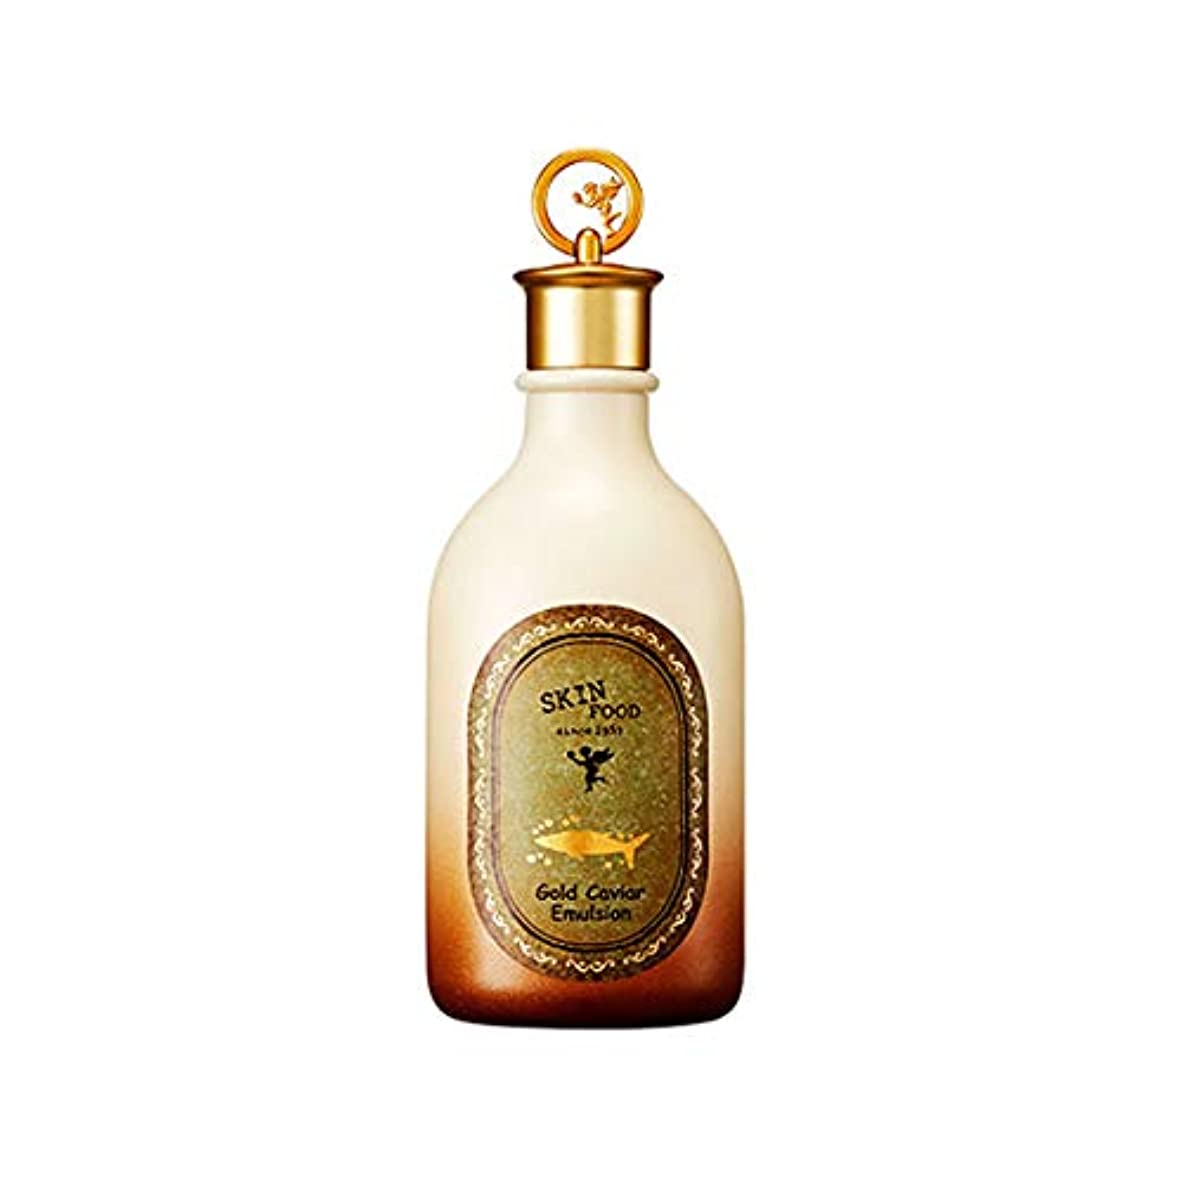 高度業界目を覚ますSkinfood ゴールドキャビアエマルジョン(しわケア) / Gold Caviar Emulsion (Wrinkle care) 145ml [並行輸入品]